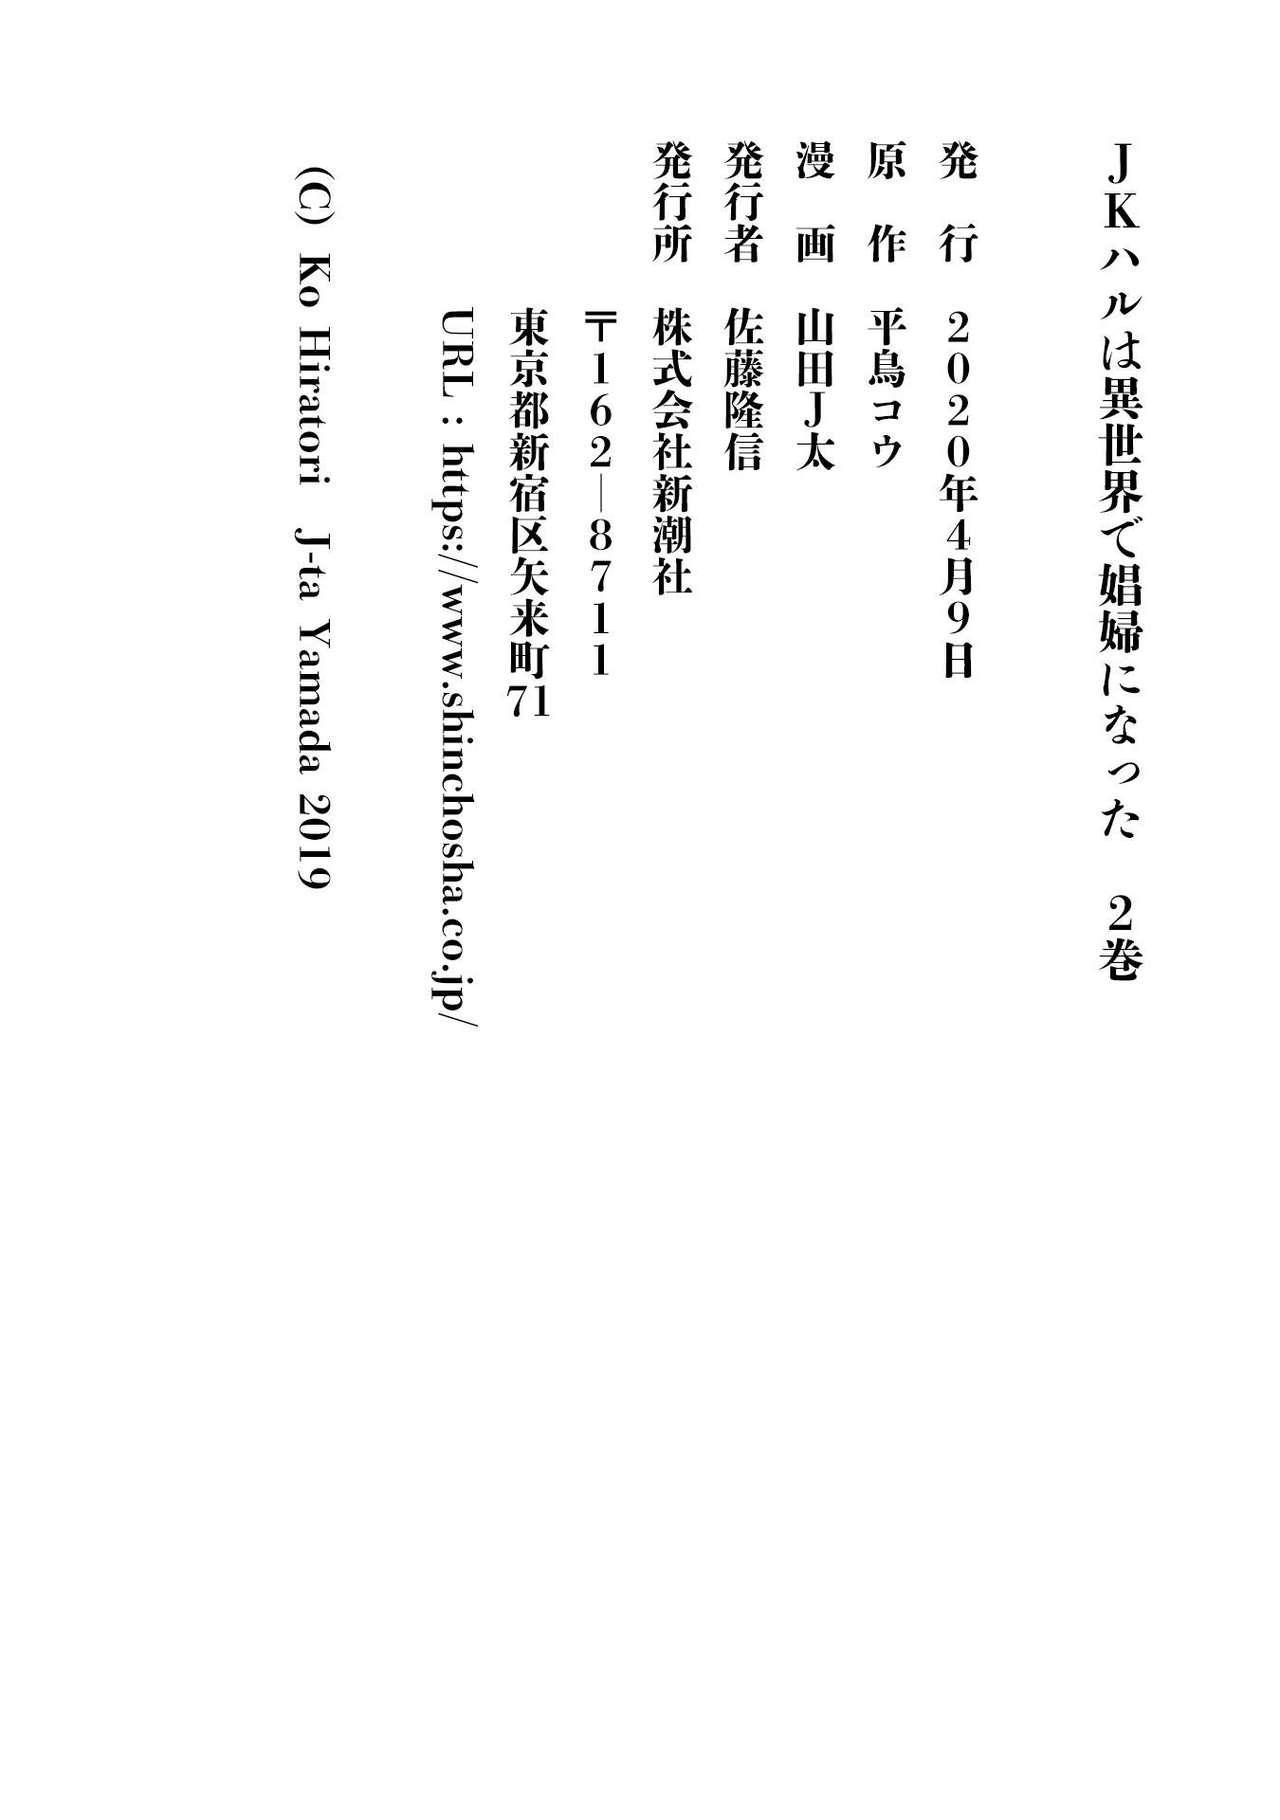 JK Haru wa Isekai de Shoufu ni Natta 1-14 352